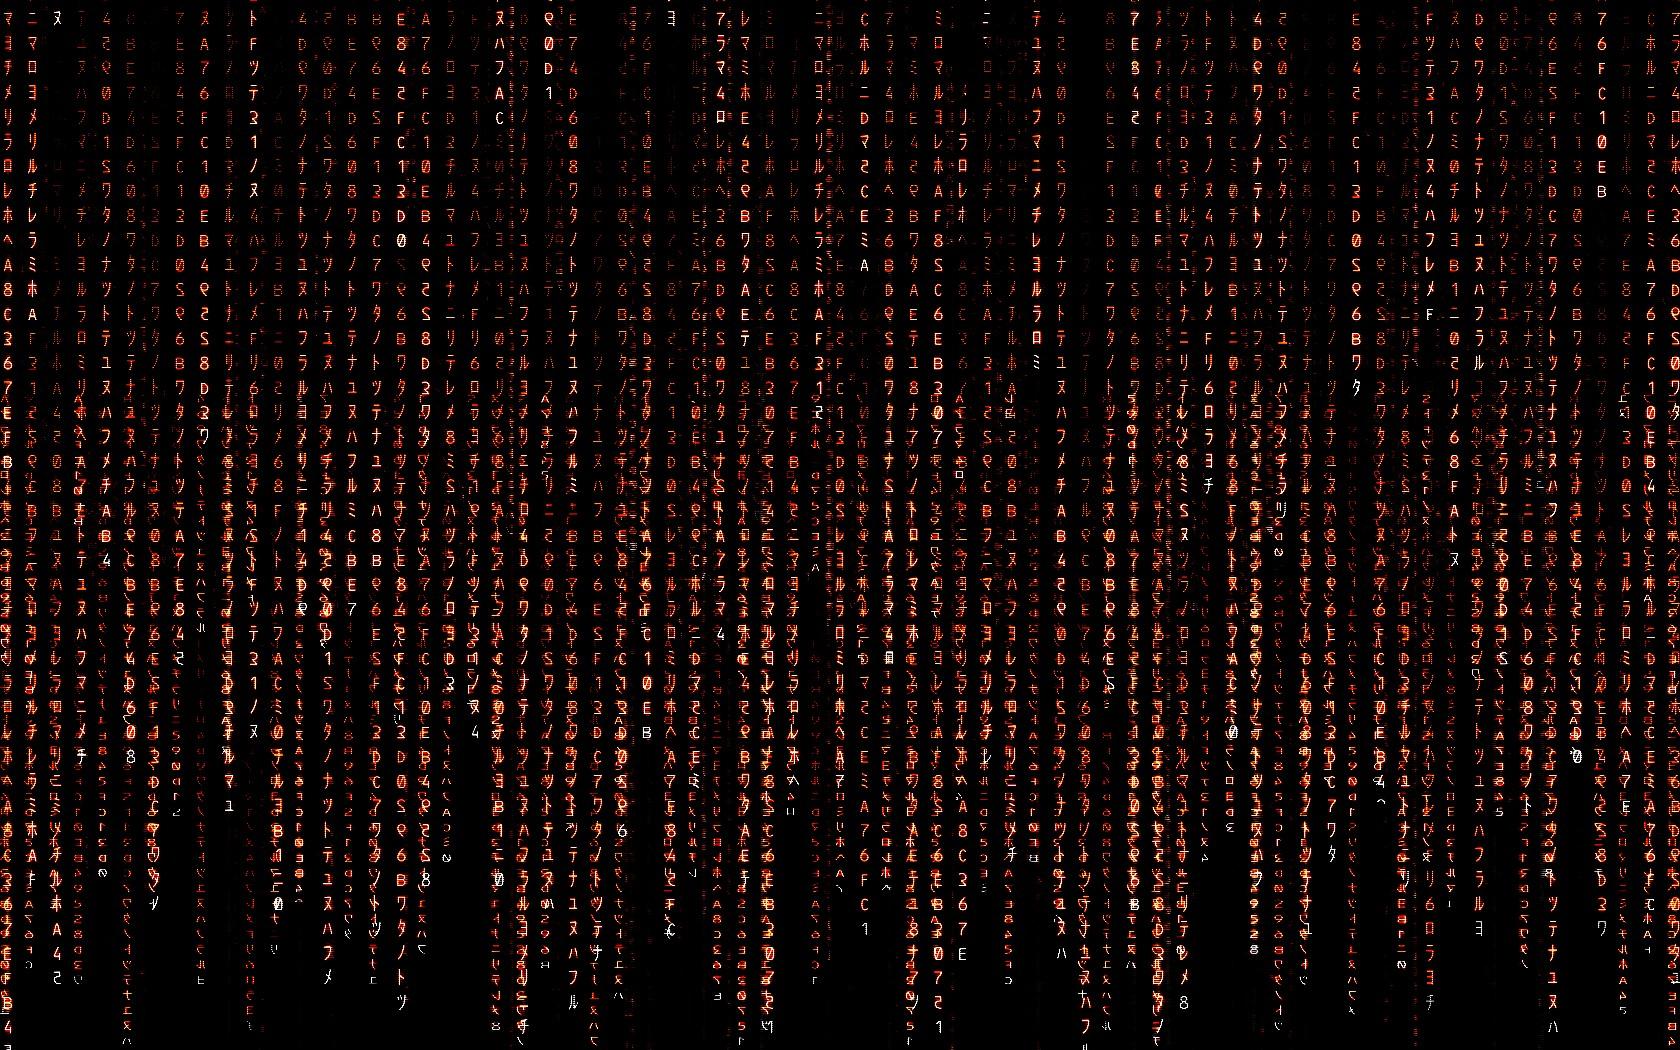 The Matrix Wallpaper 1680x1050 The Matrix Code 1680x1050